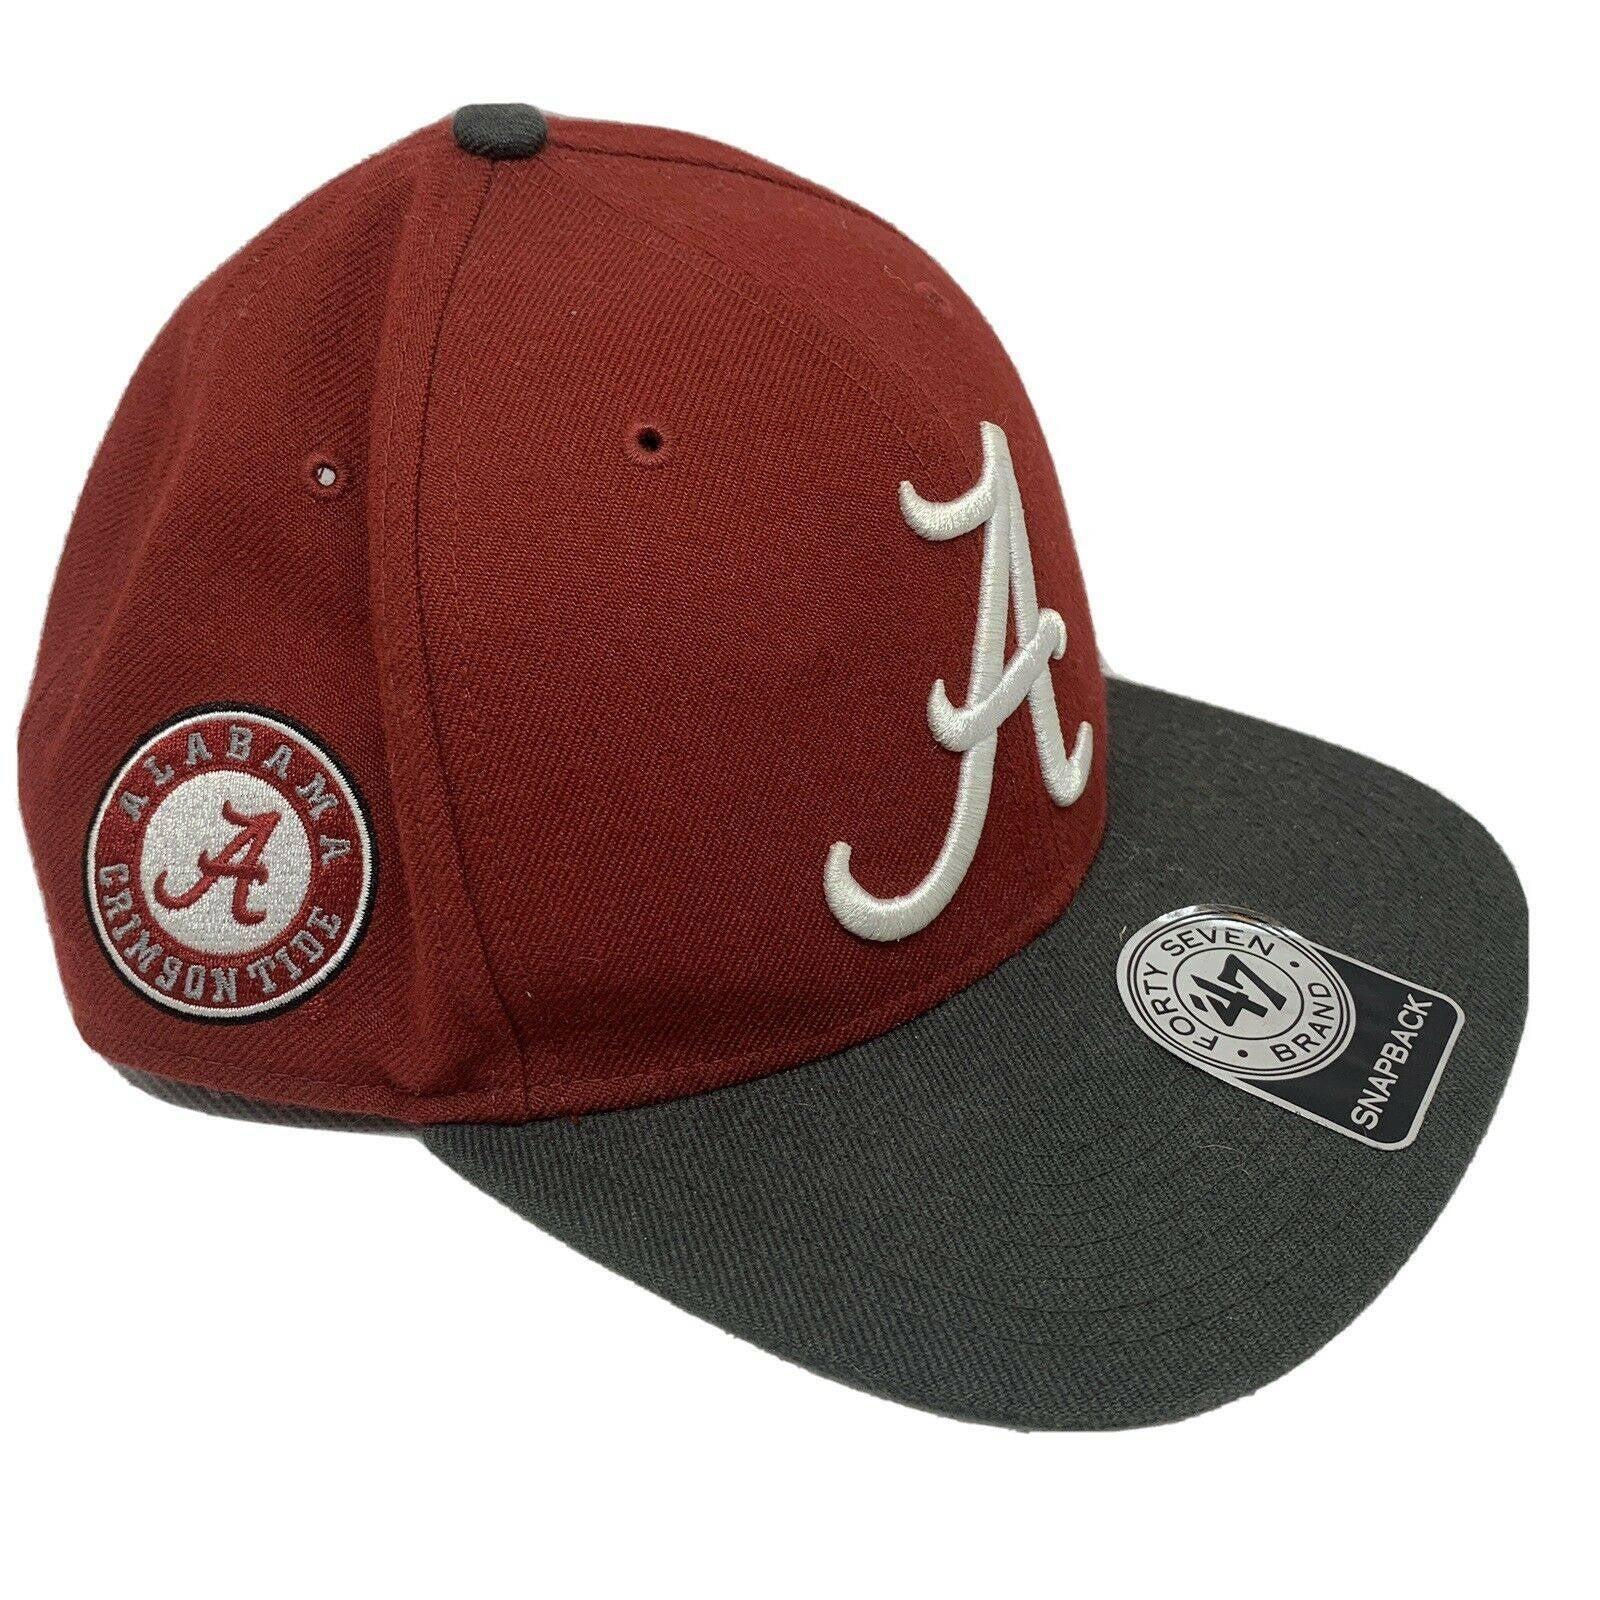 University of Alabama 47 Snapback Hat